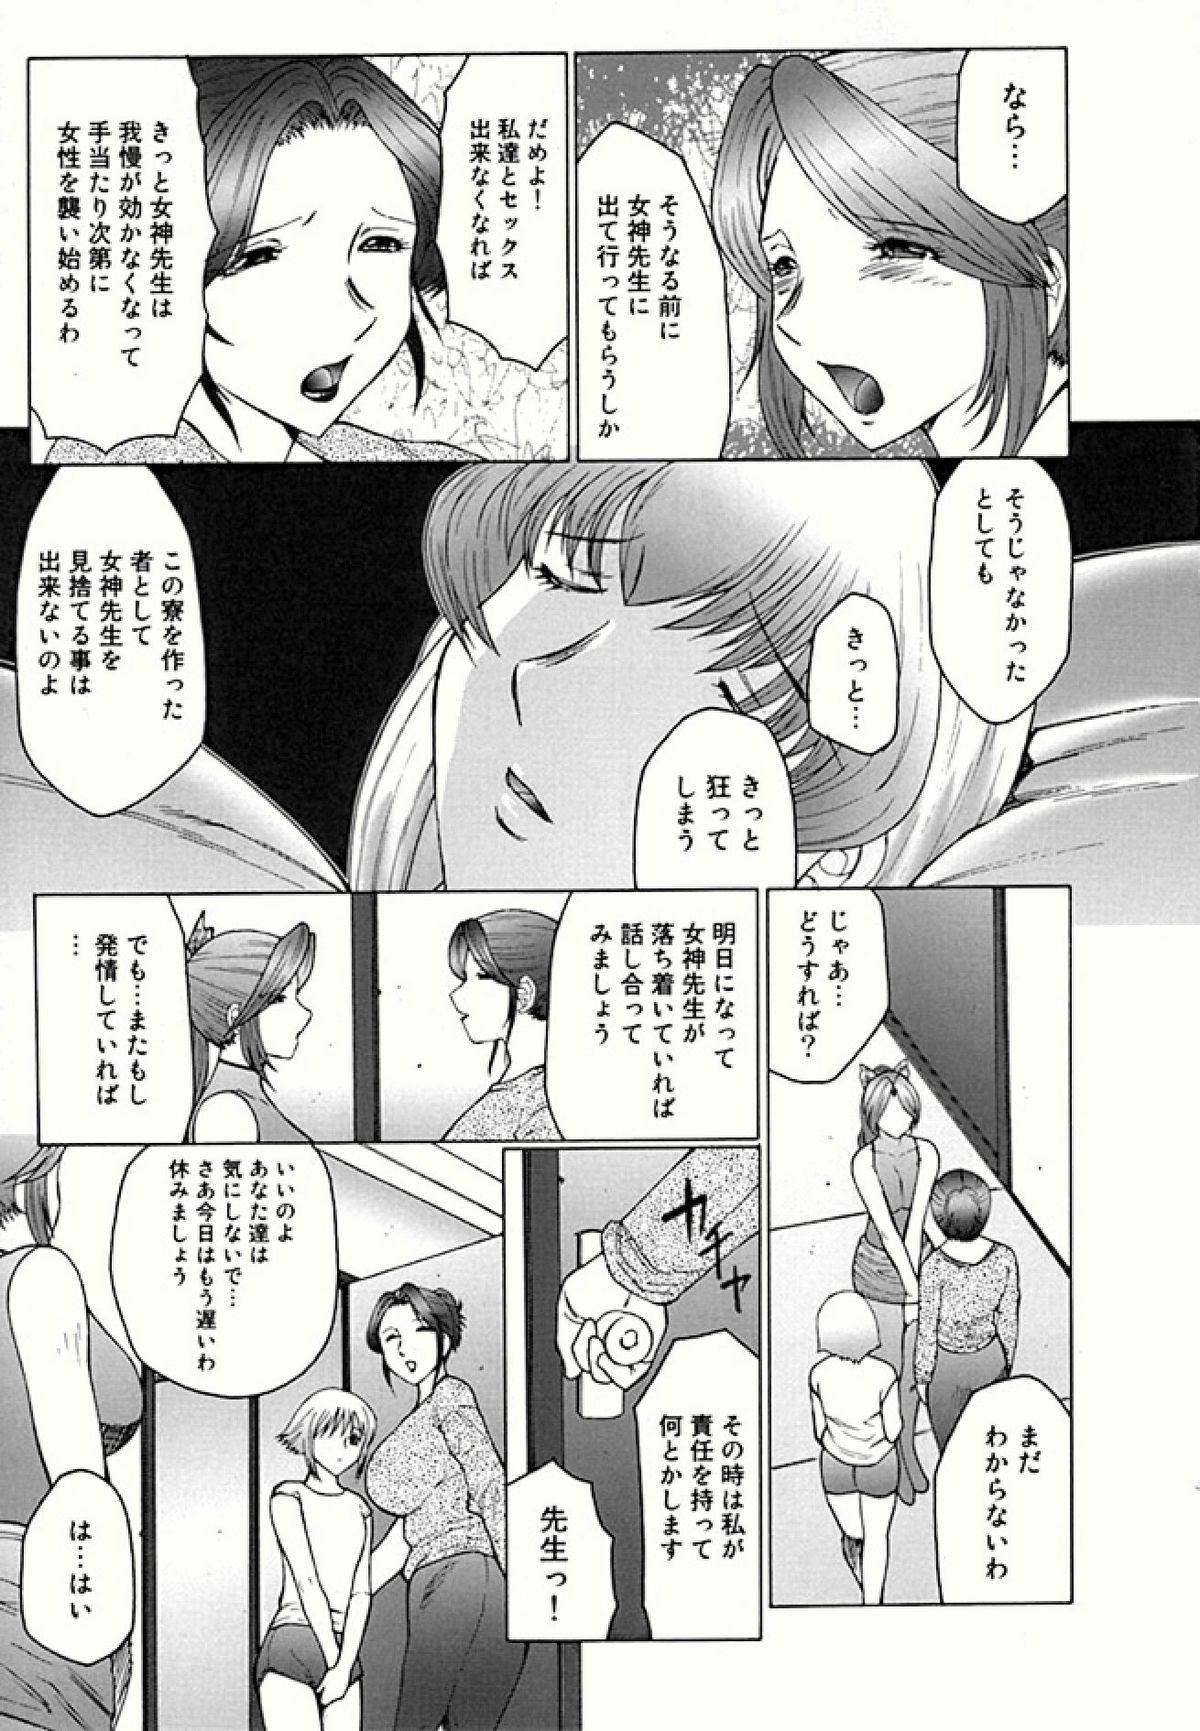 Futagami - Futanari Onna Kyoushi Zecchou Hiroku 120